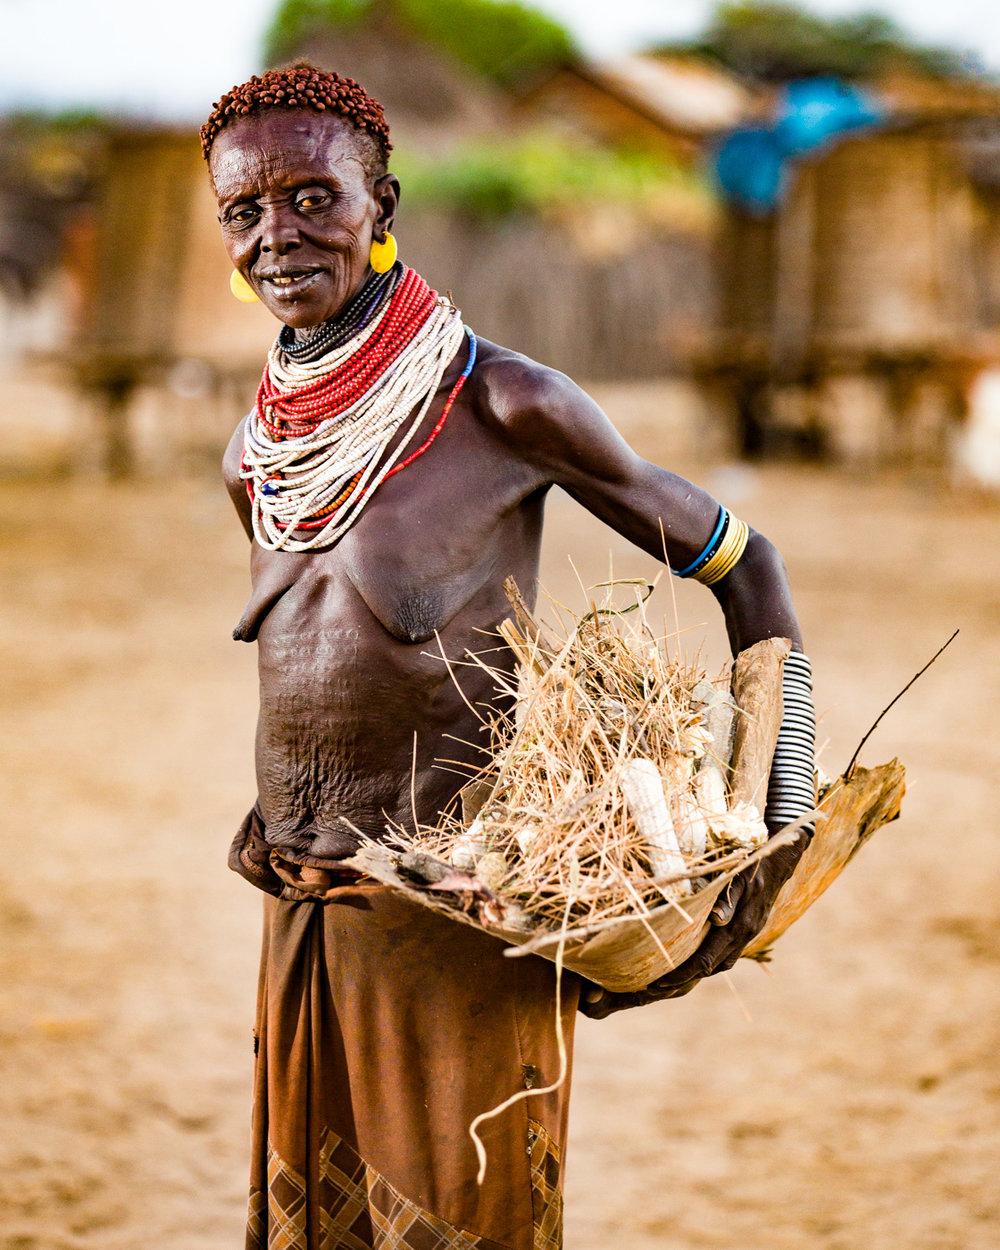 Ethiopia_Omo_Karo-6.jpg